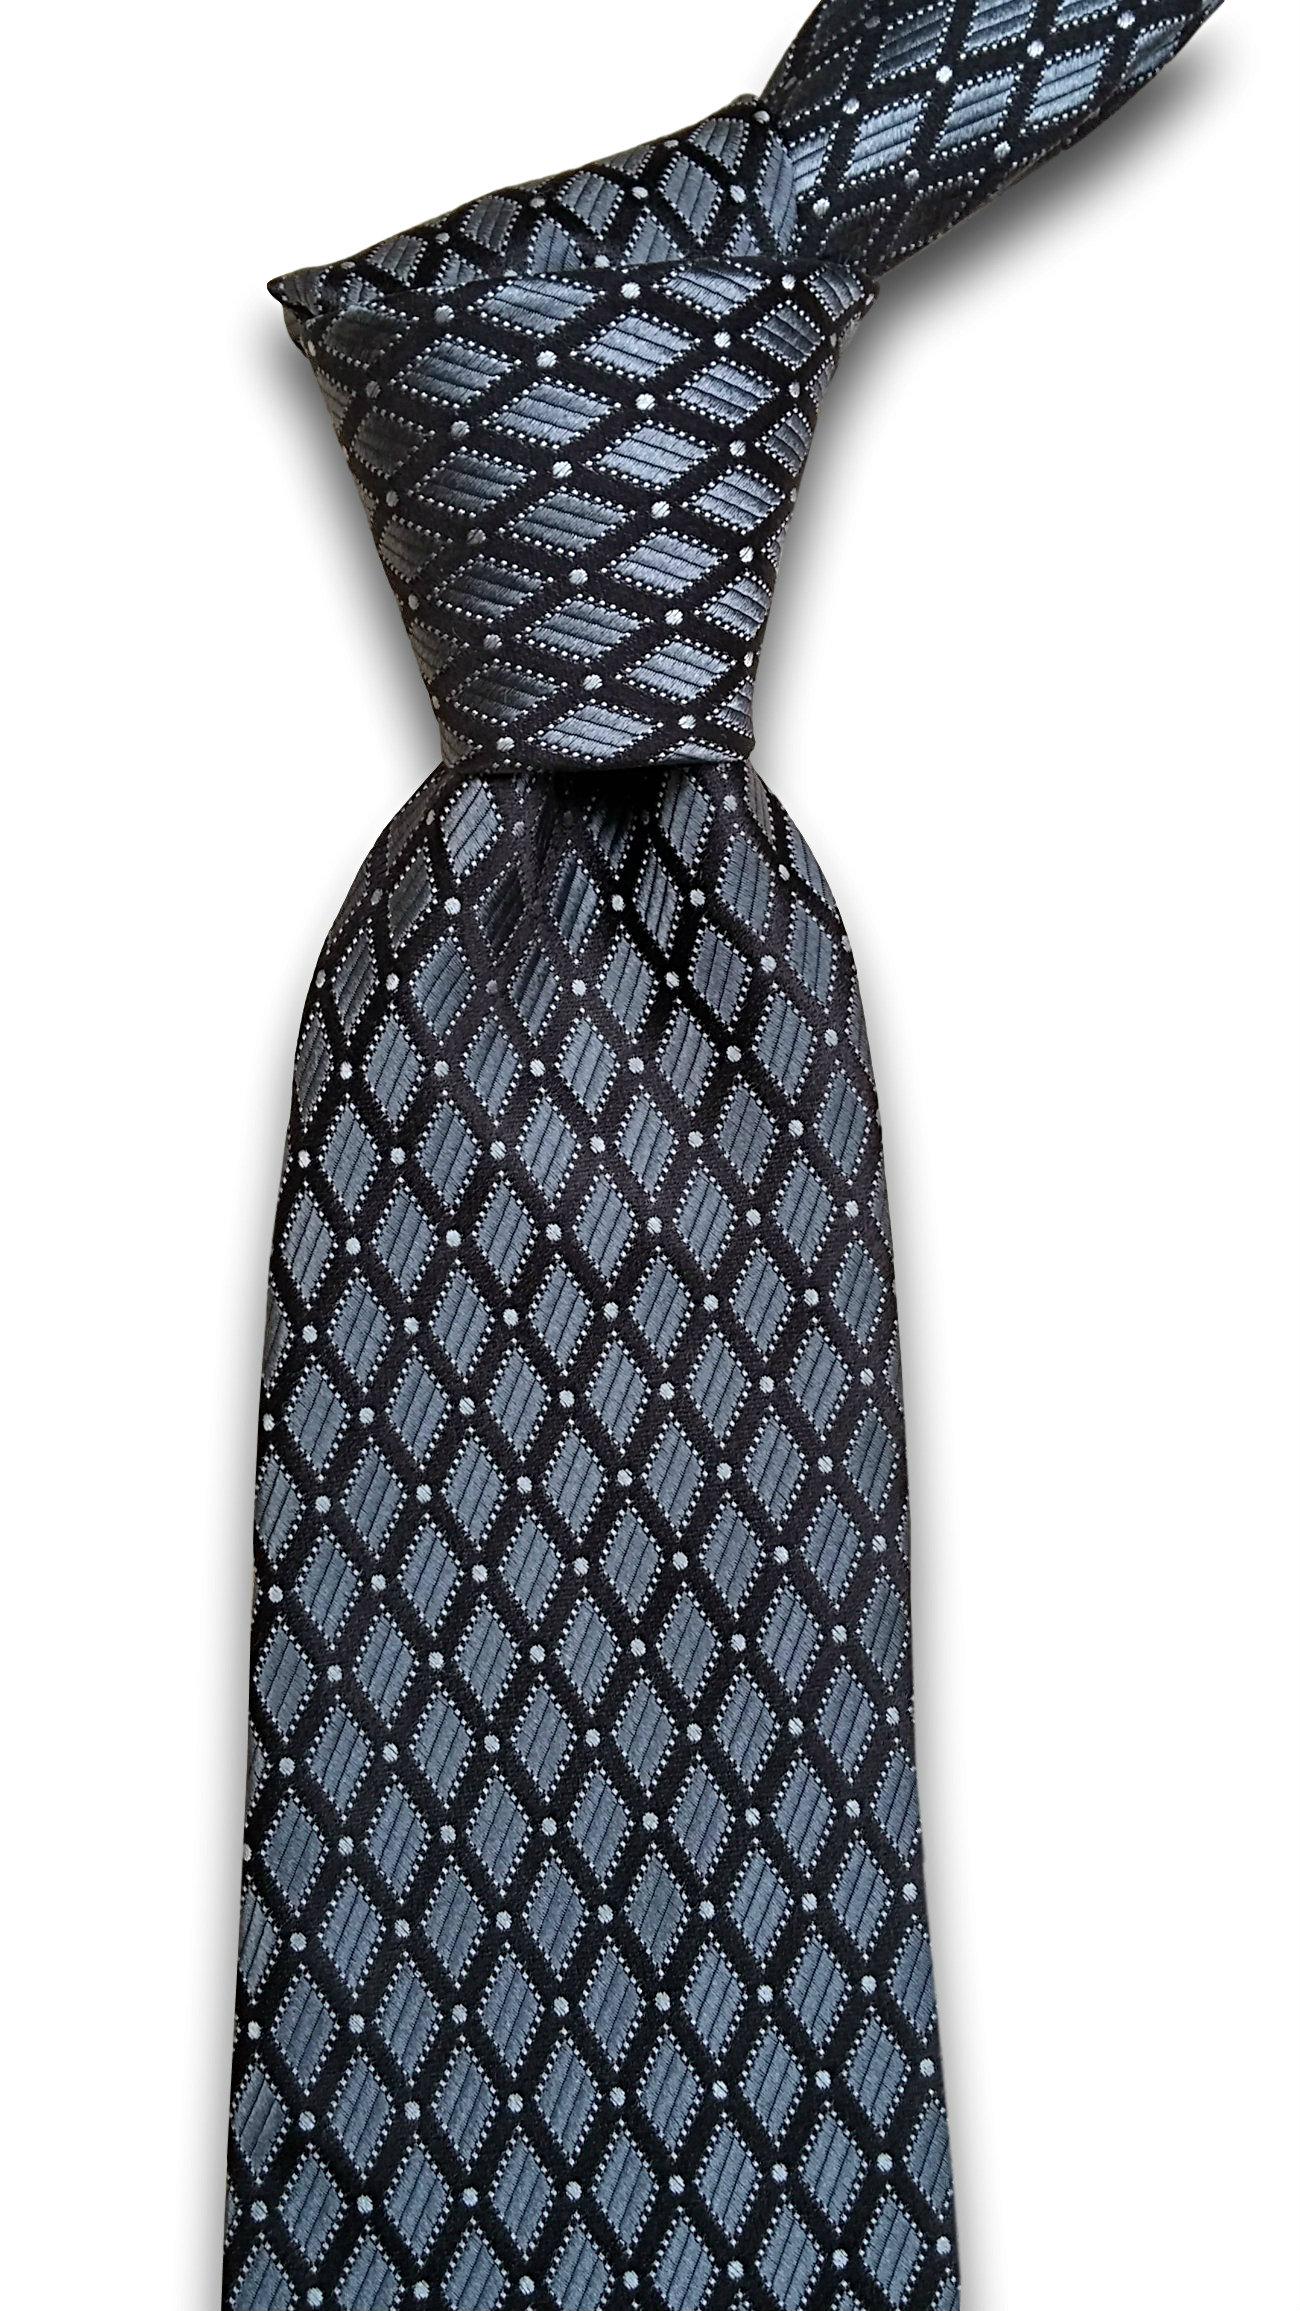 Ručno šivena svilena kravata